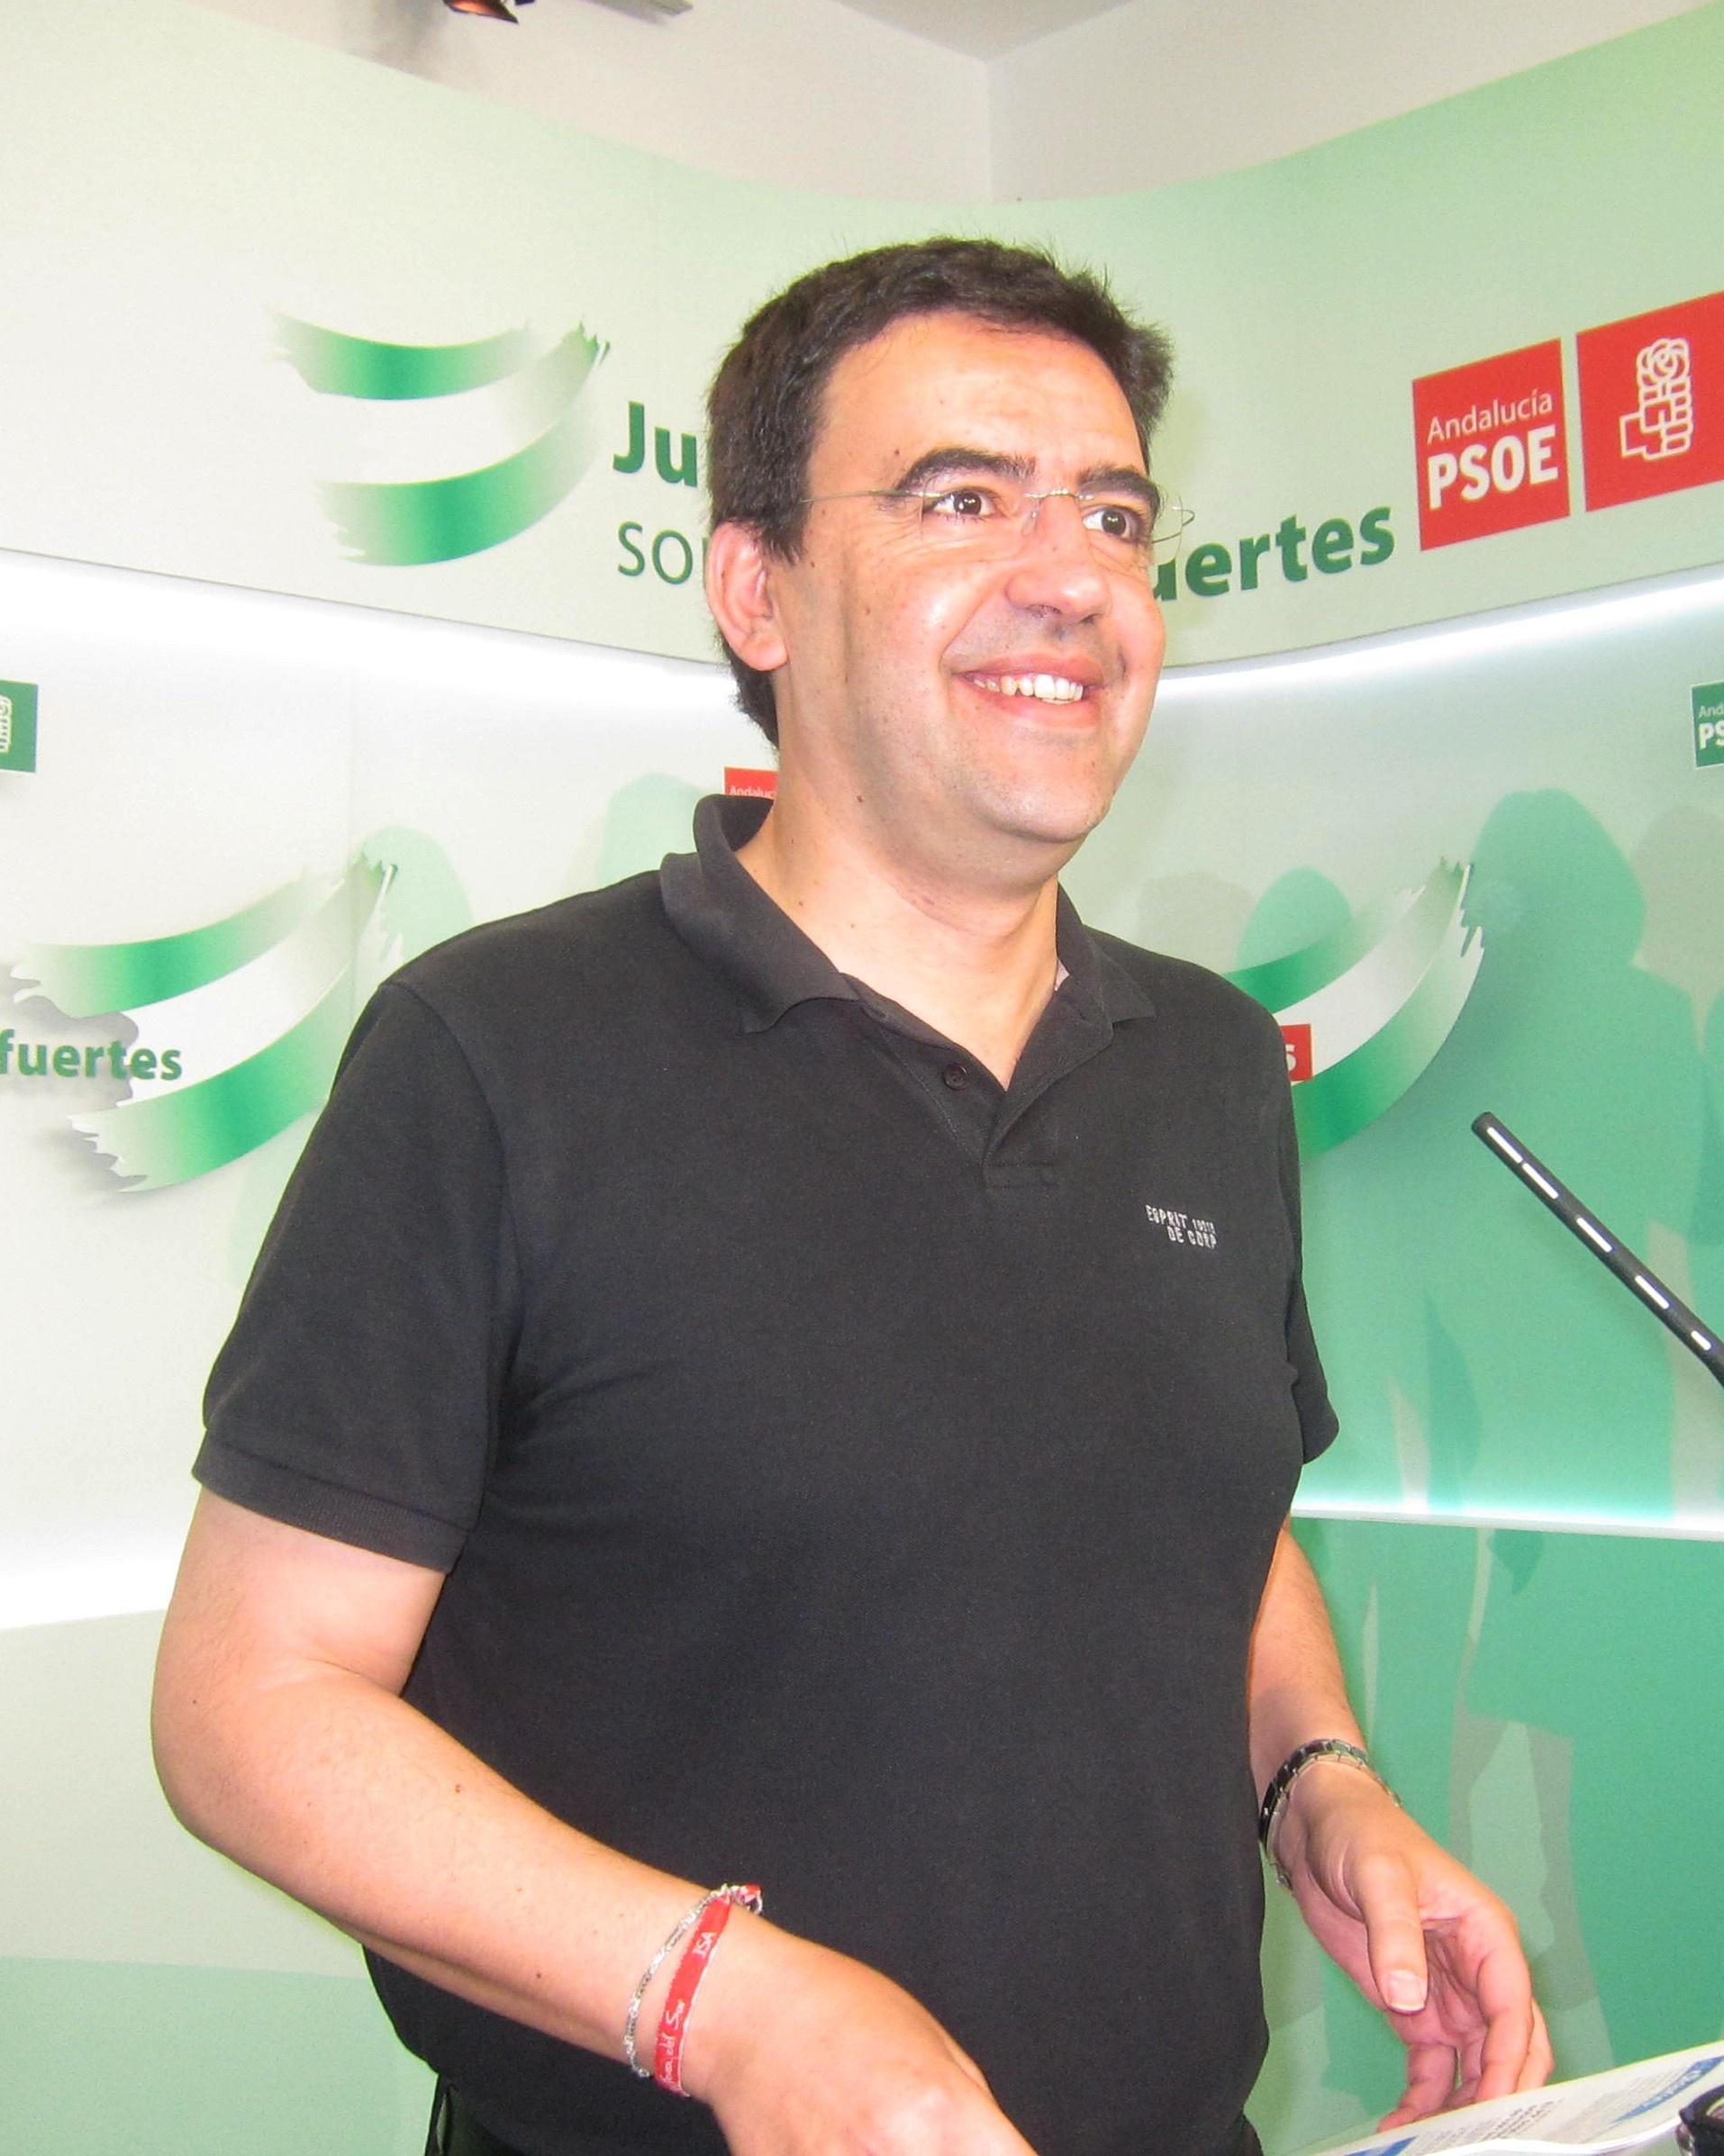 PSOE ve «intolerable e inasumible» que el Gobierno haya decidido convertir el Estatuto andaluz en «papel mojado»